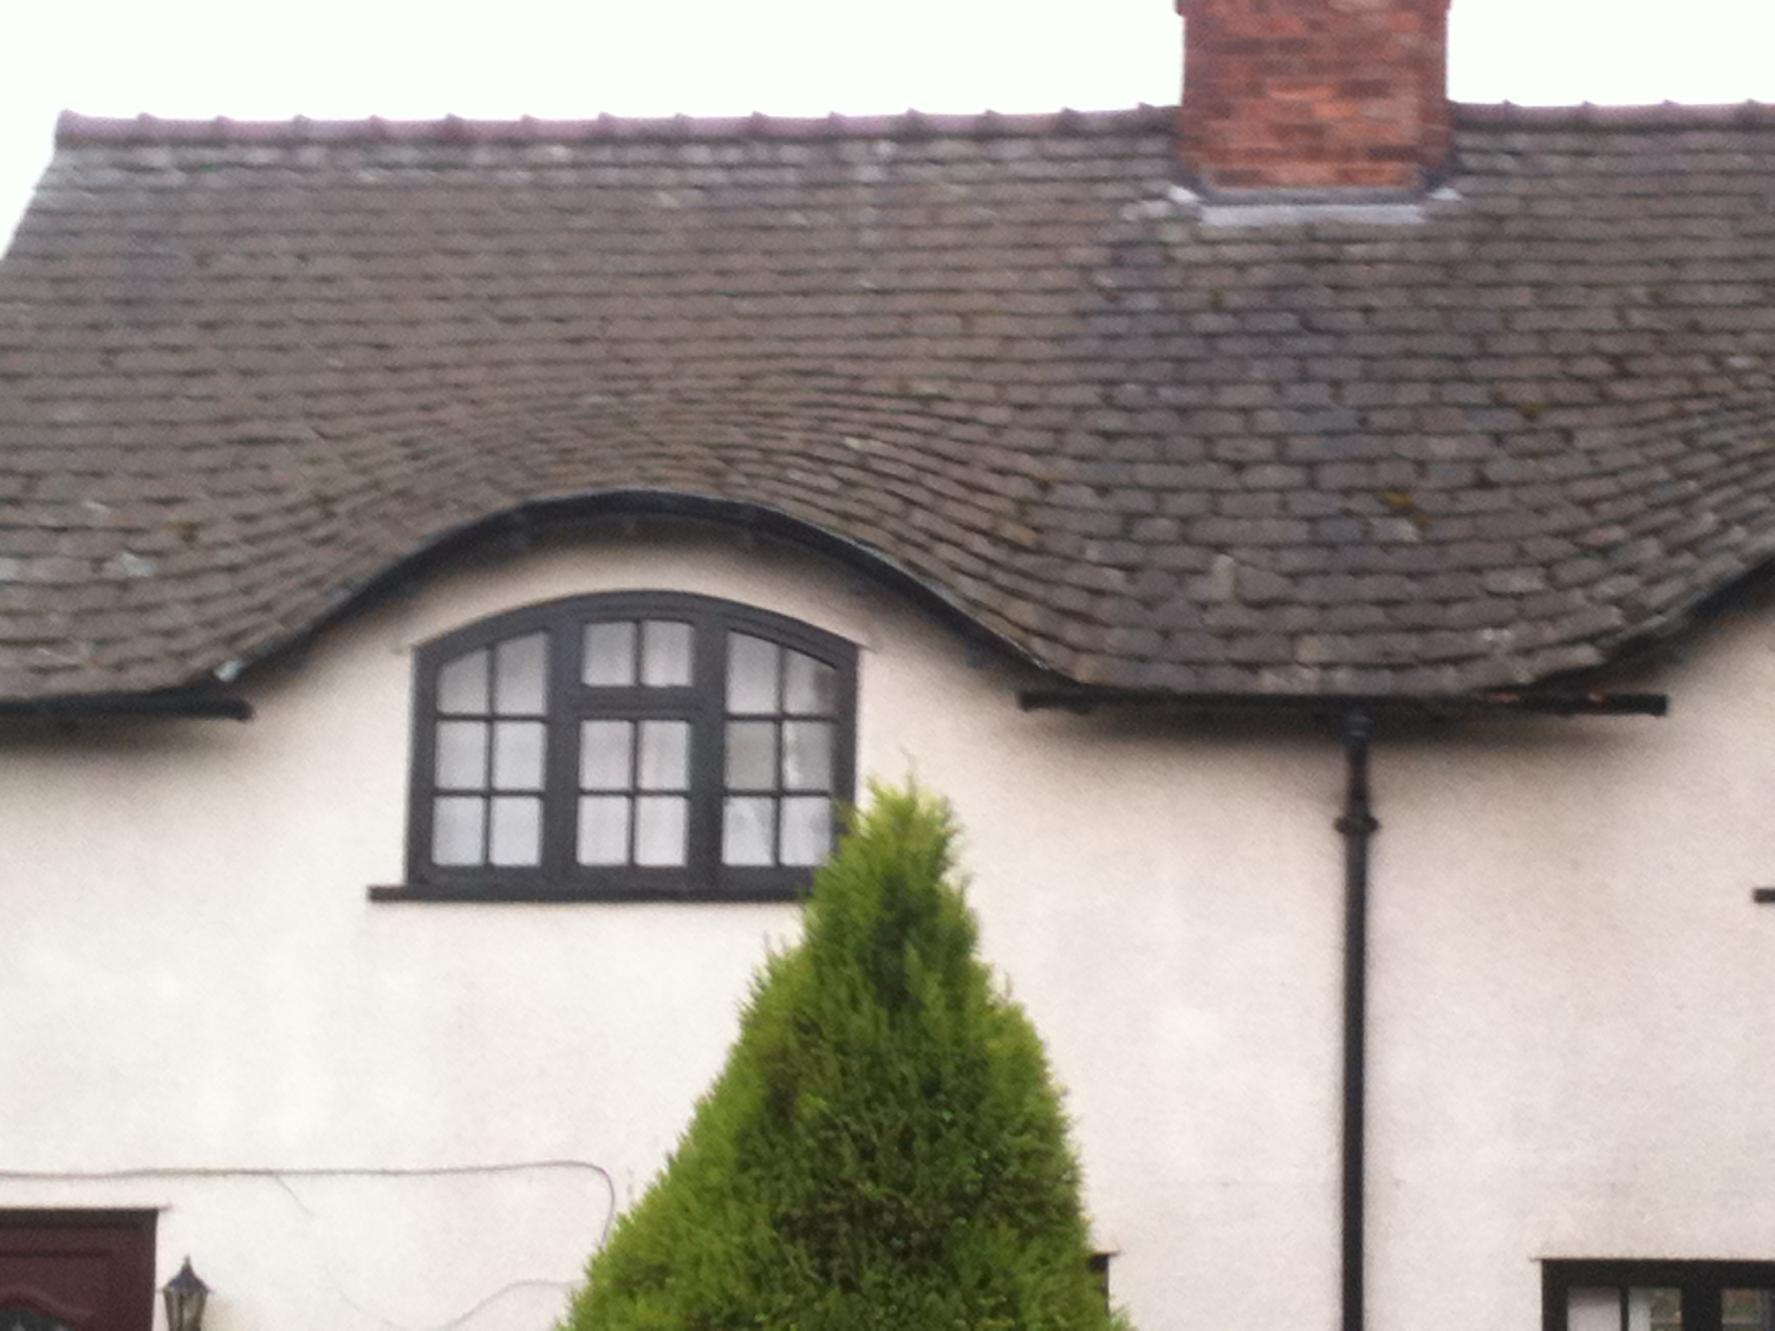 Eyebrow roof!-eyebrow-roof.jpg